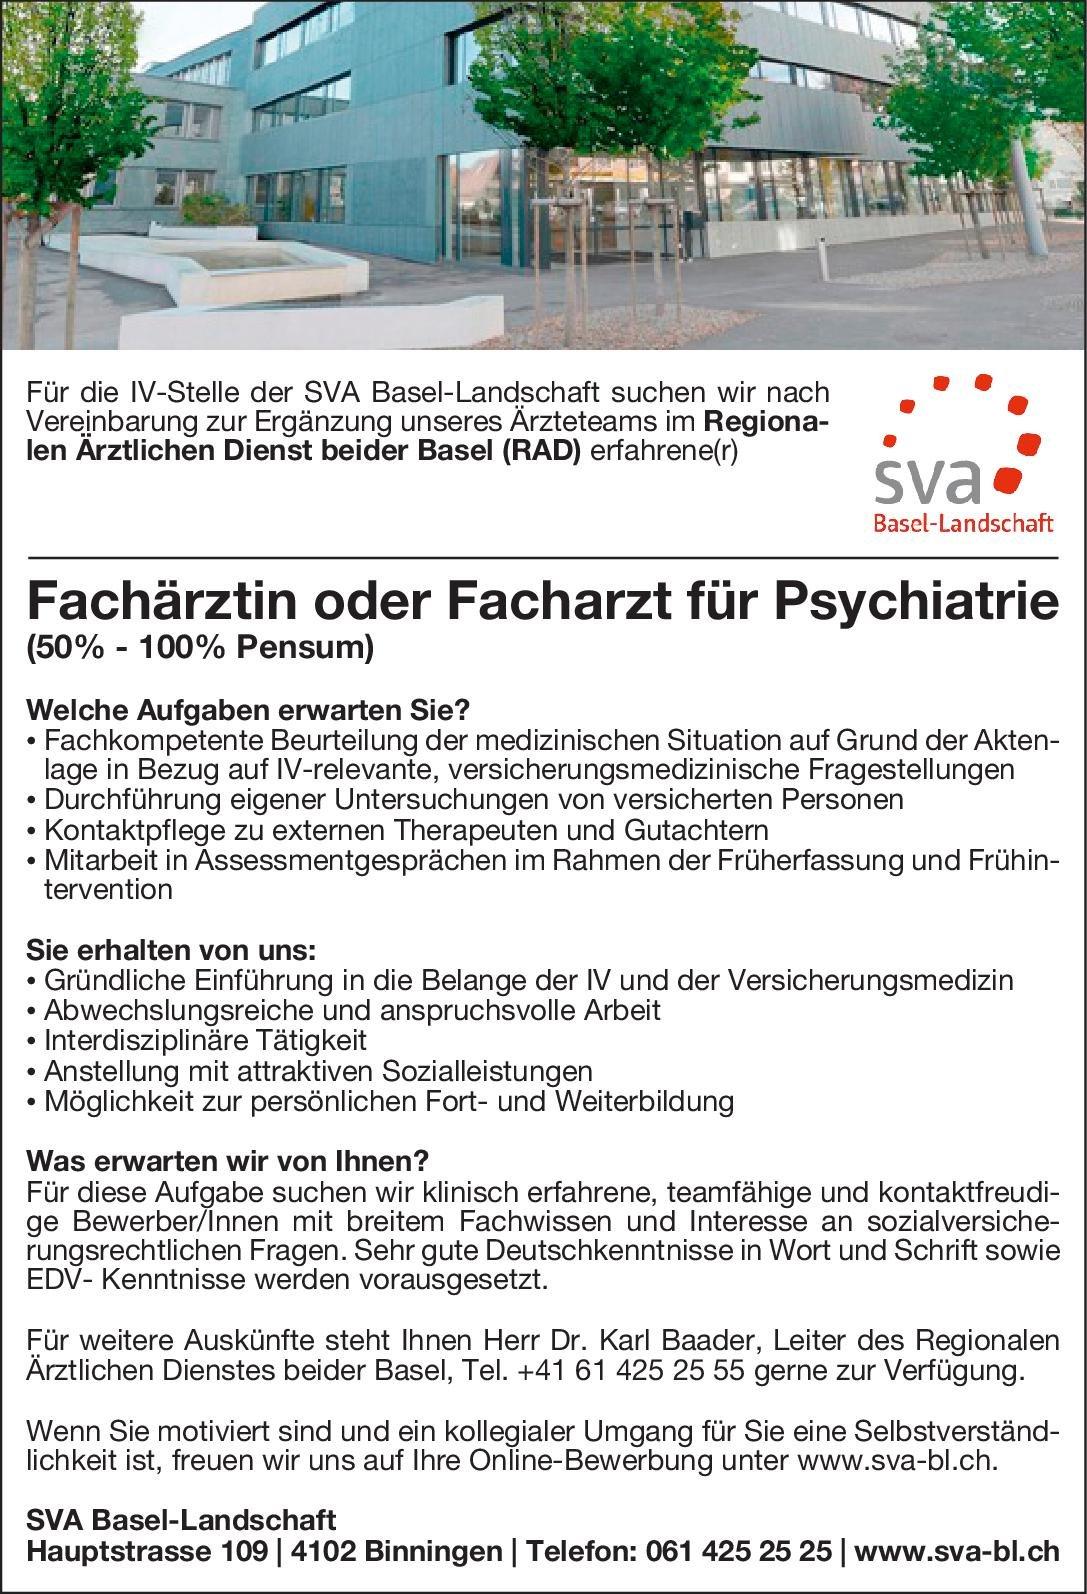 SVA Basel-Landschaft Fachärztin oder Facharzt für Psychiatrie  Psychiatrie und Psychotherapie, Psychiatrie und Psychotherapie Arzt / Facharzt